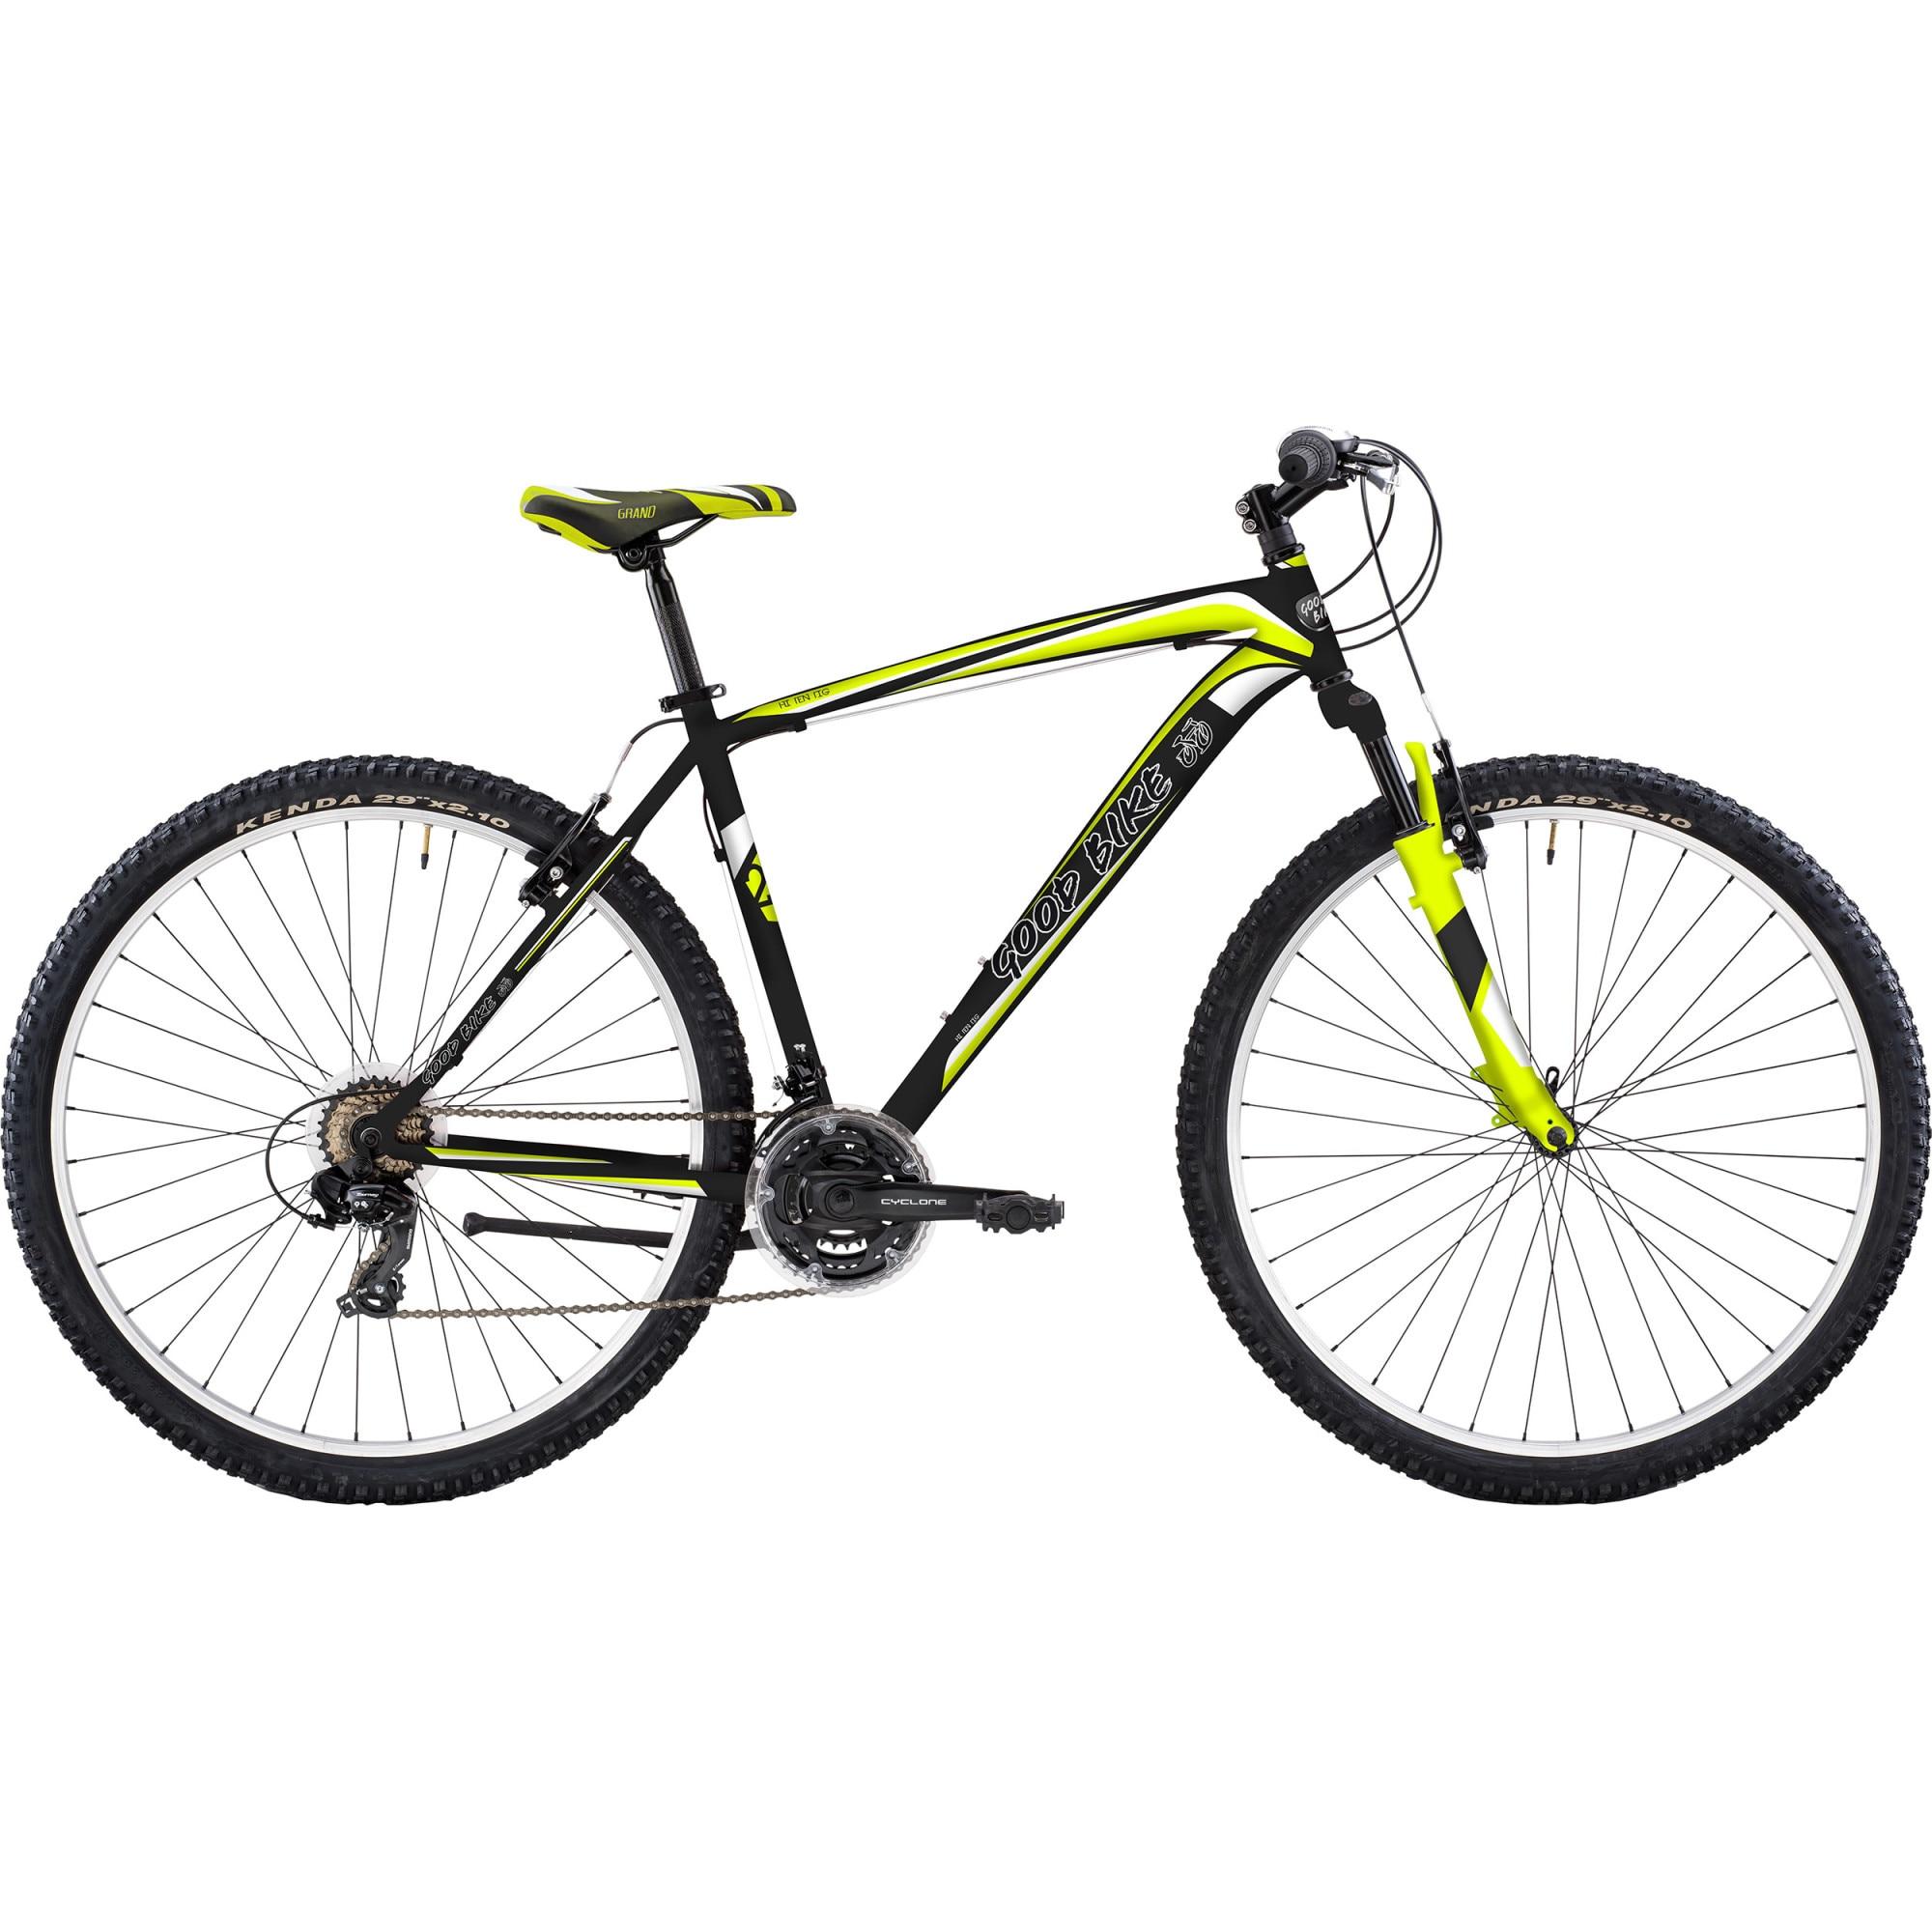 Fotografie Bicicleta MTB 29-er Good Bike Seattle A, Black/Yellow, 51cm/ M-L